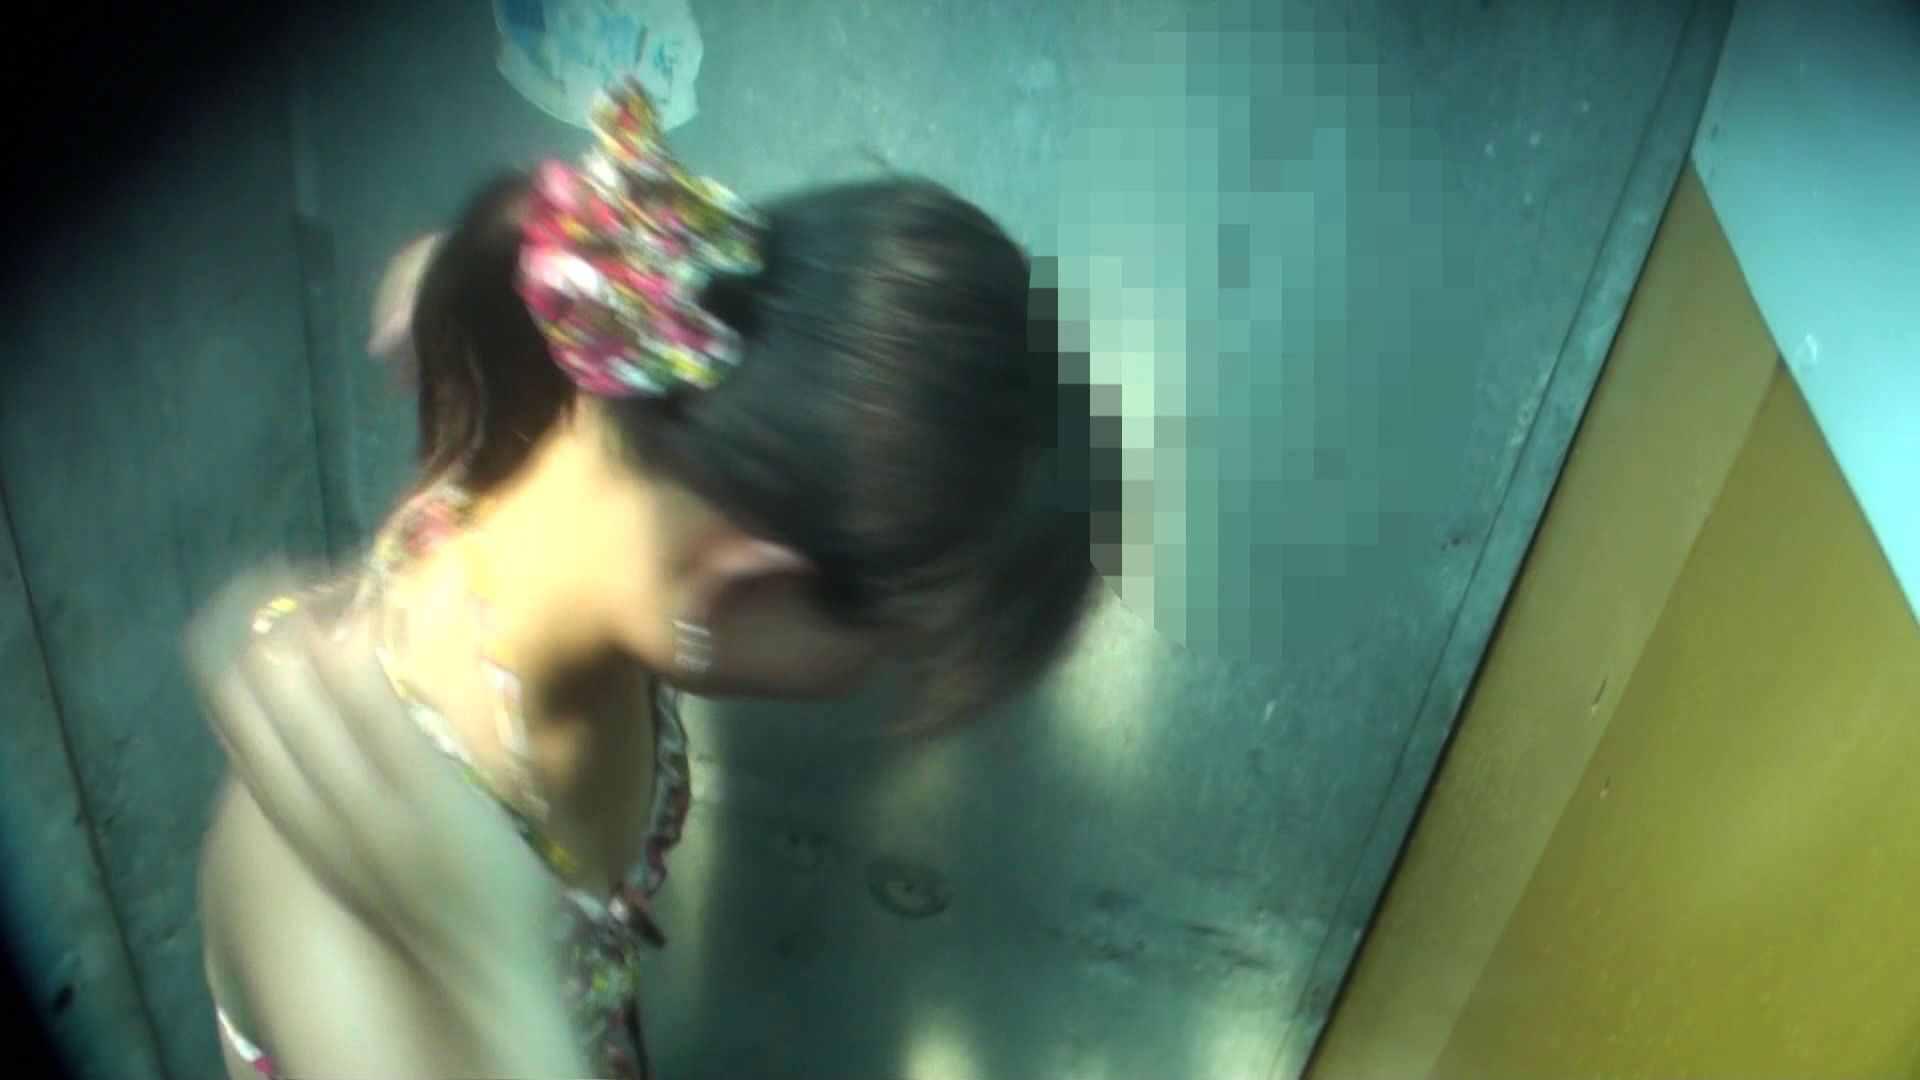 シャワールームは超!!危険な香りVol.16 意外に乳首は年増のそれ エロティックなOL  105画像 75